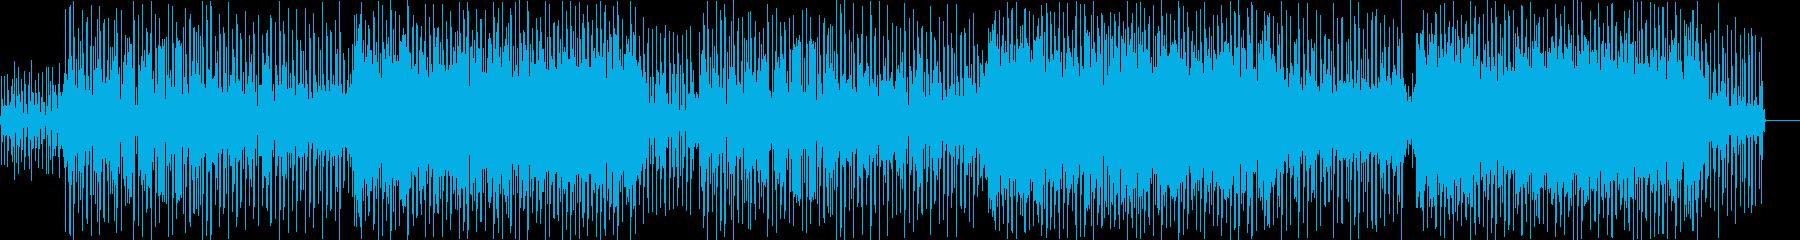 【生演奏】爽やかで前向きアコギポップスAの再生済みの波形